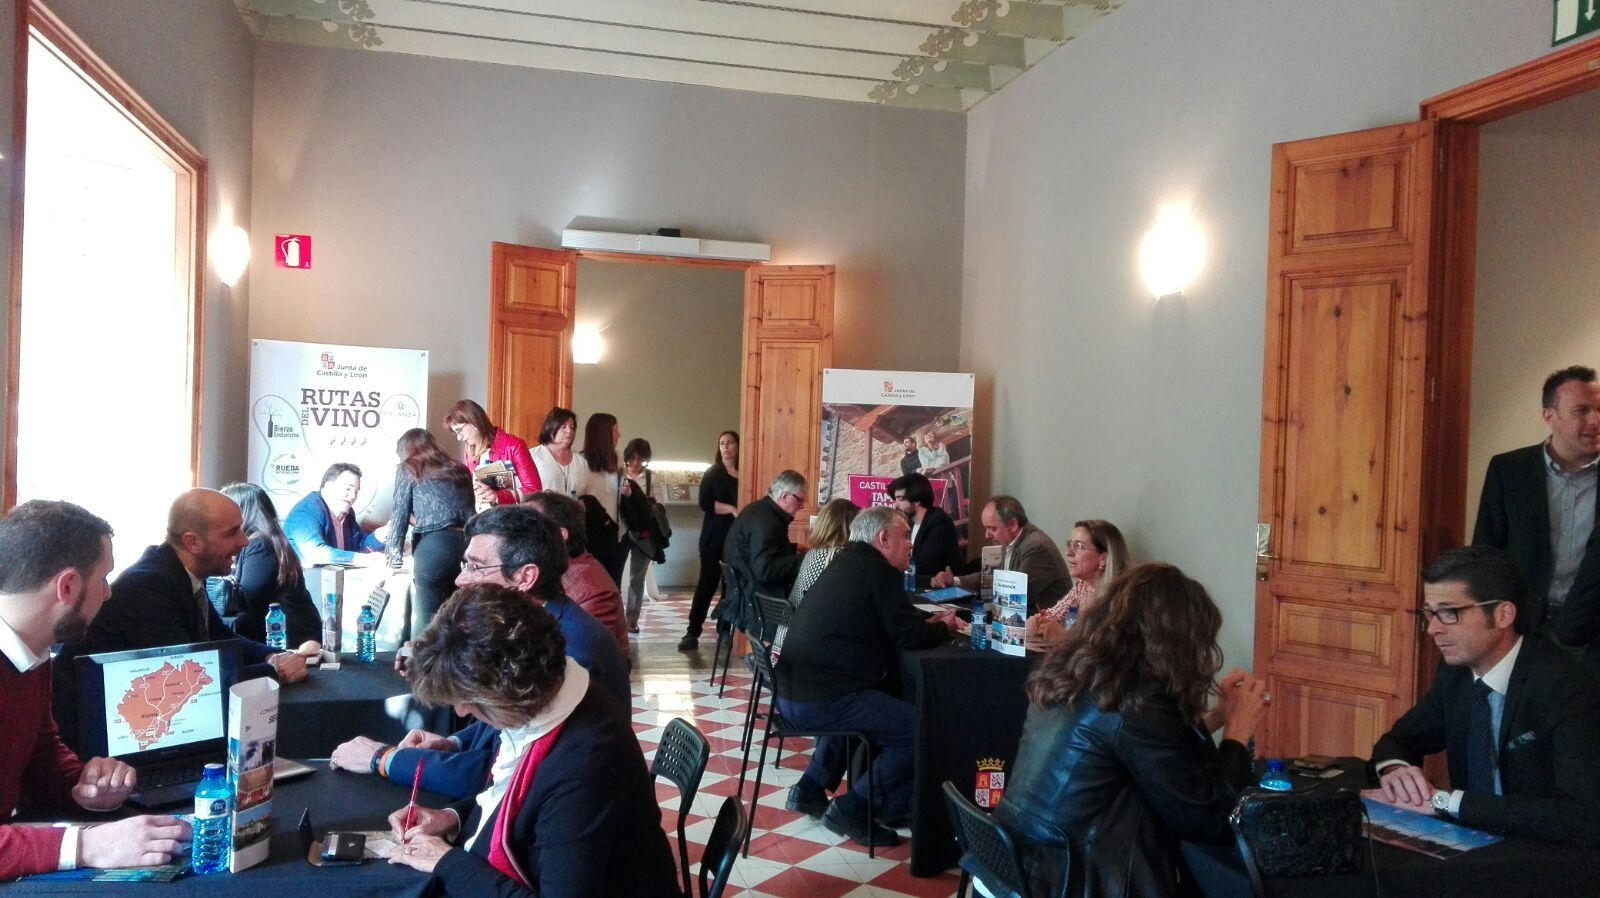 Bureaus de convenciones en colombia